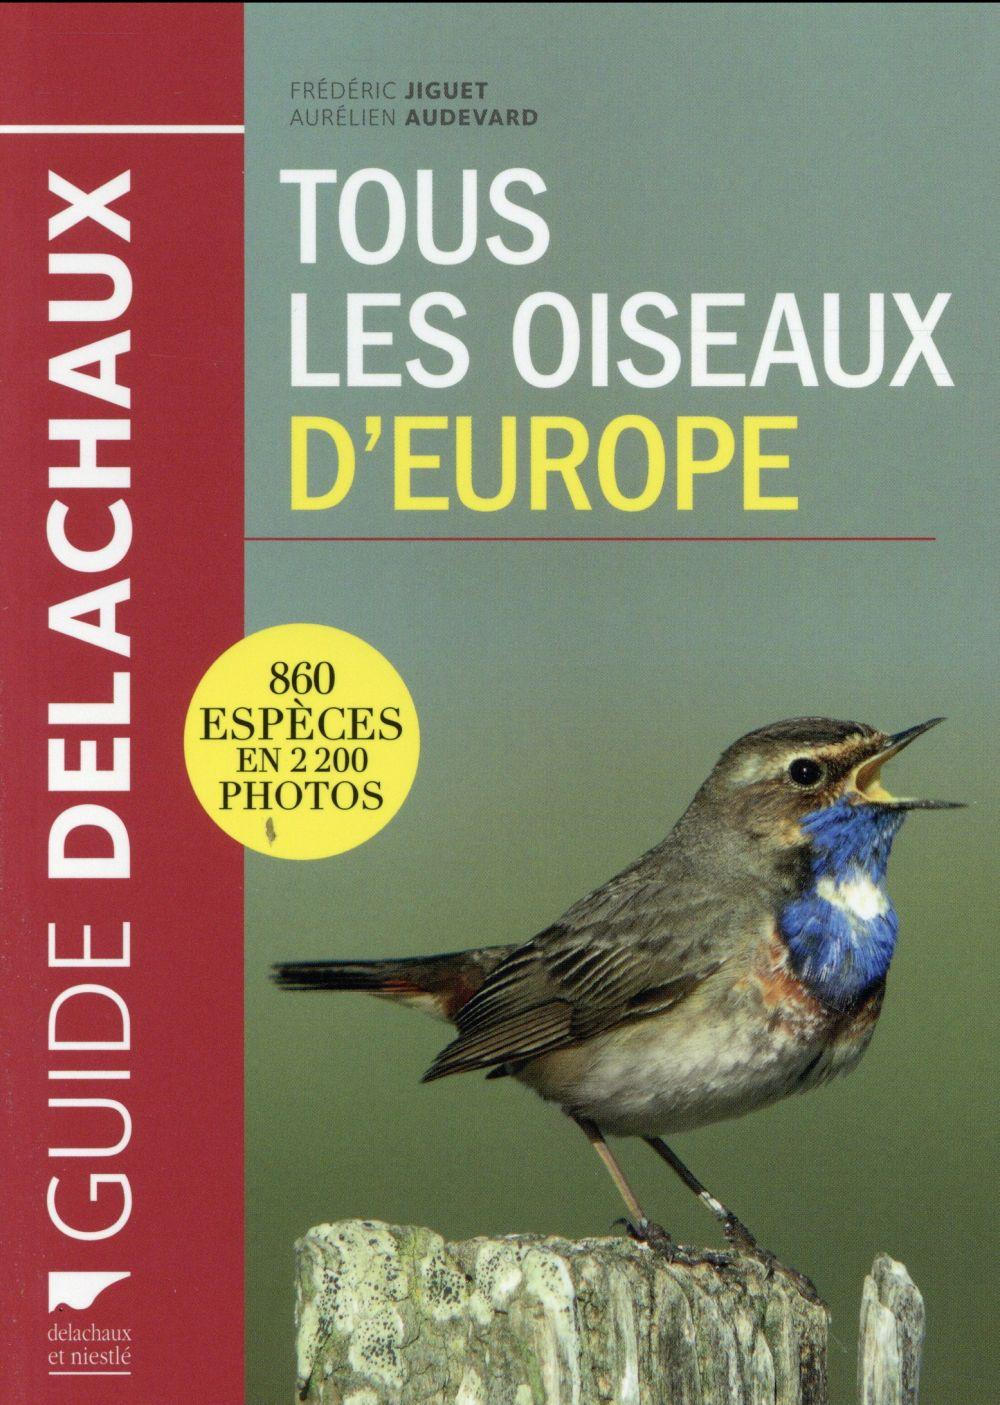 TOUS LES OISEAUX D'EUROPE. 860 ESPECES EN 2200 PHOTOS